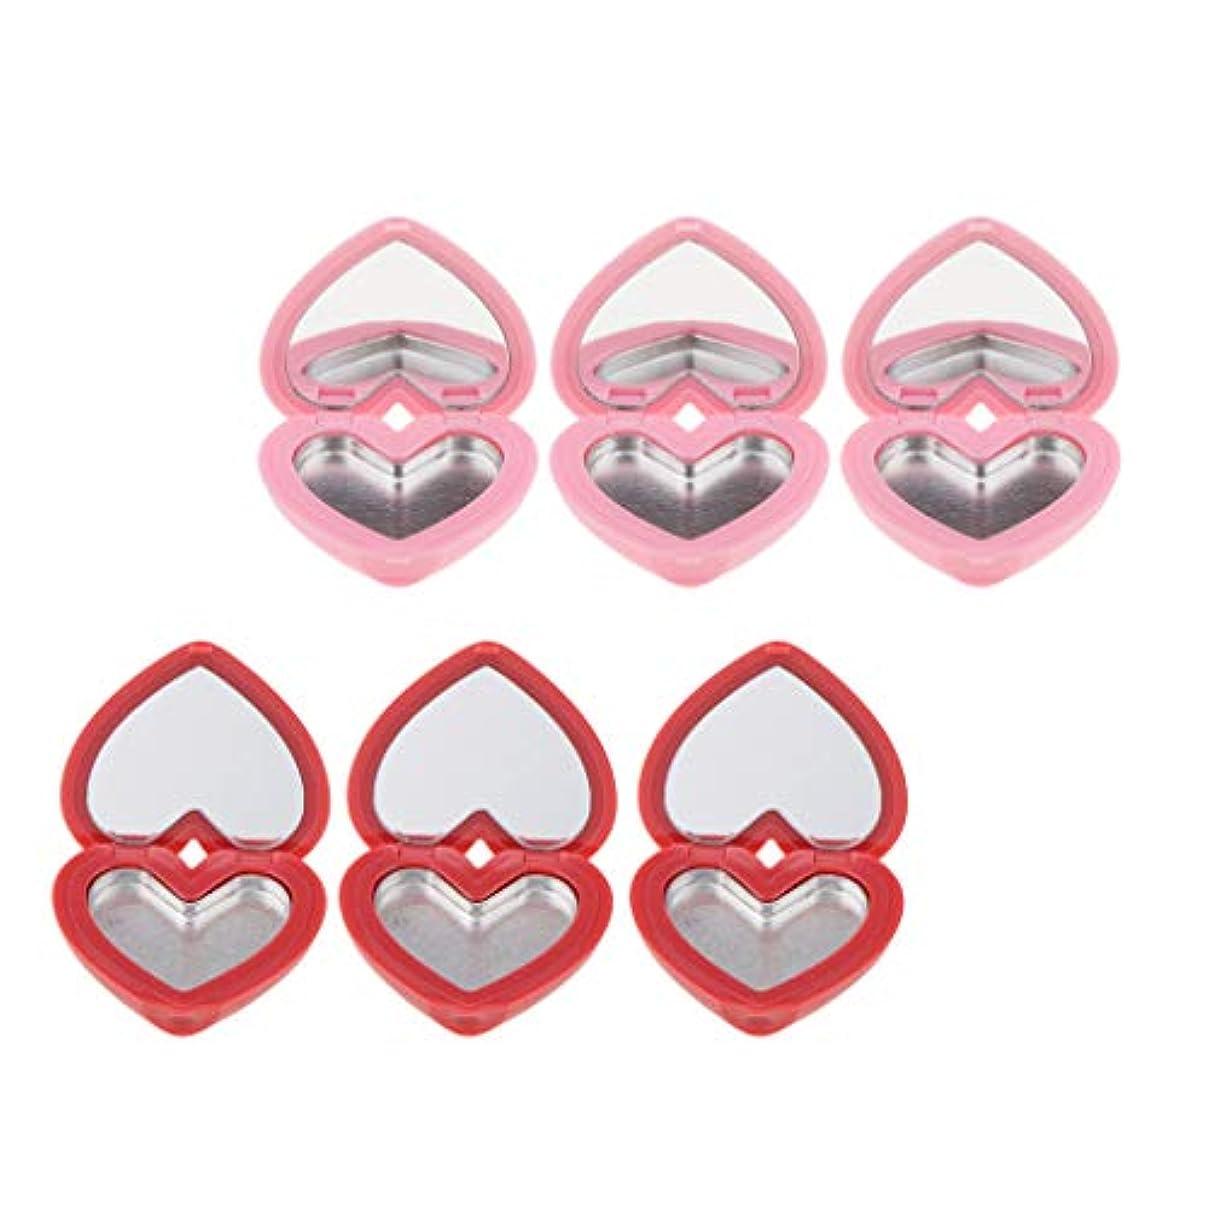 レスリング切り下げ退屈させる6個 空ケース 口紅ホルダー メイクアップパレット 空パレット コスメ 化粧品 詰替え DIY収納ケース